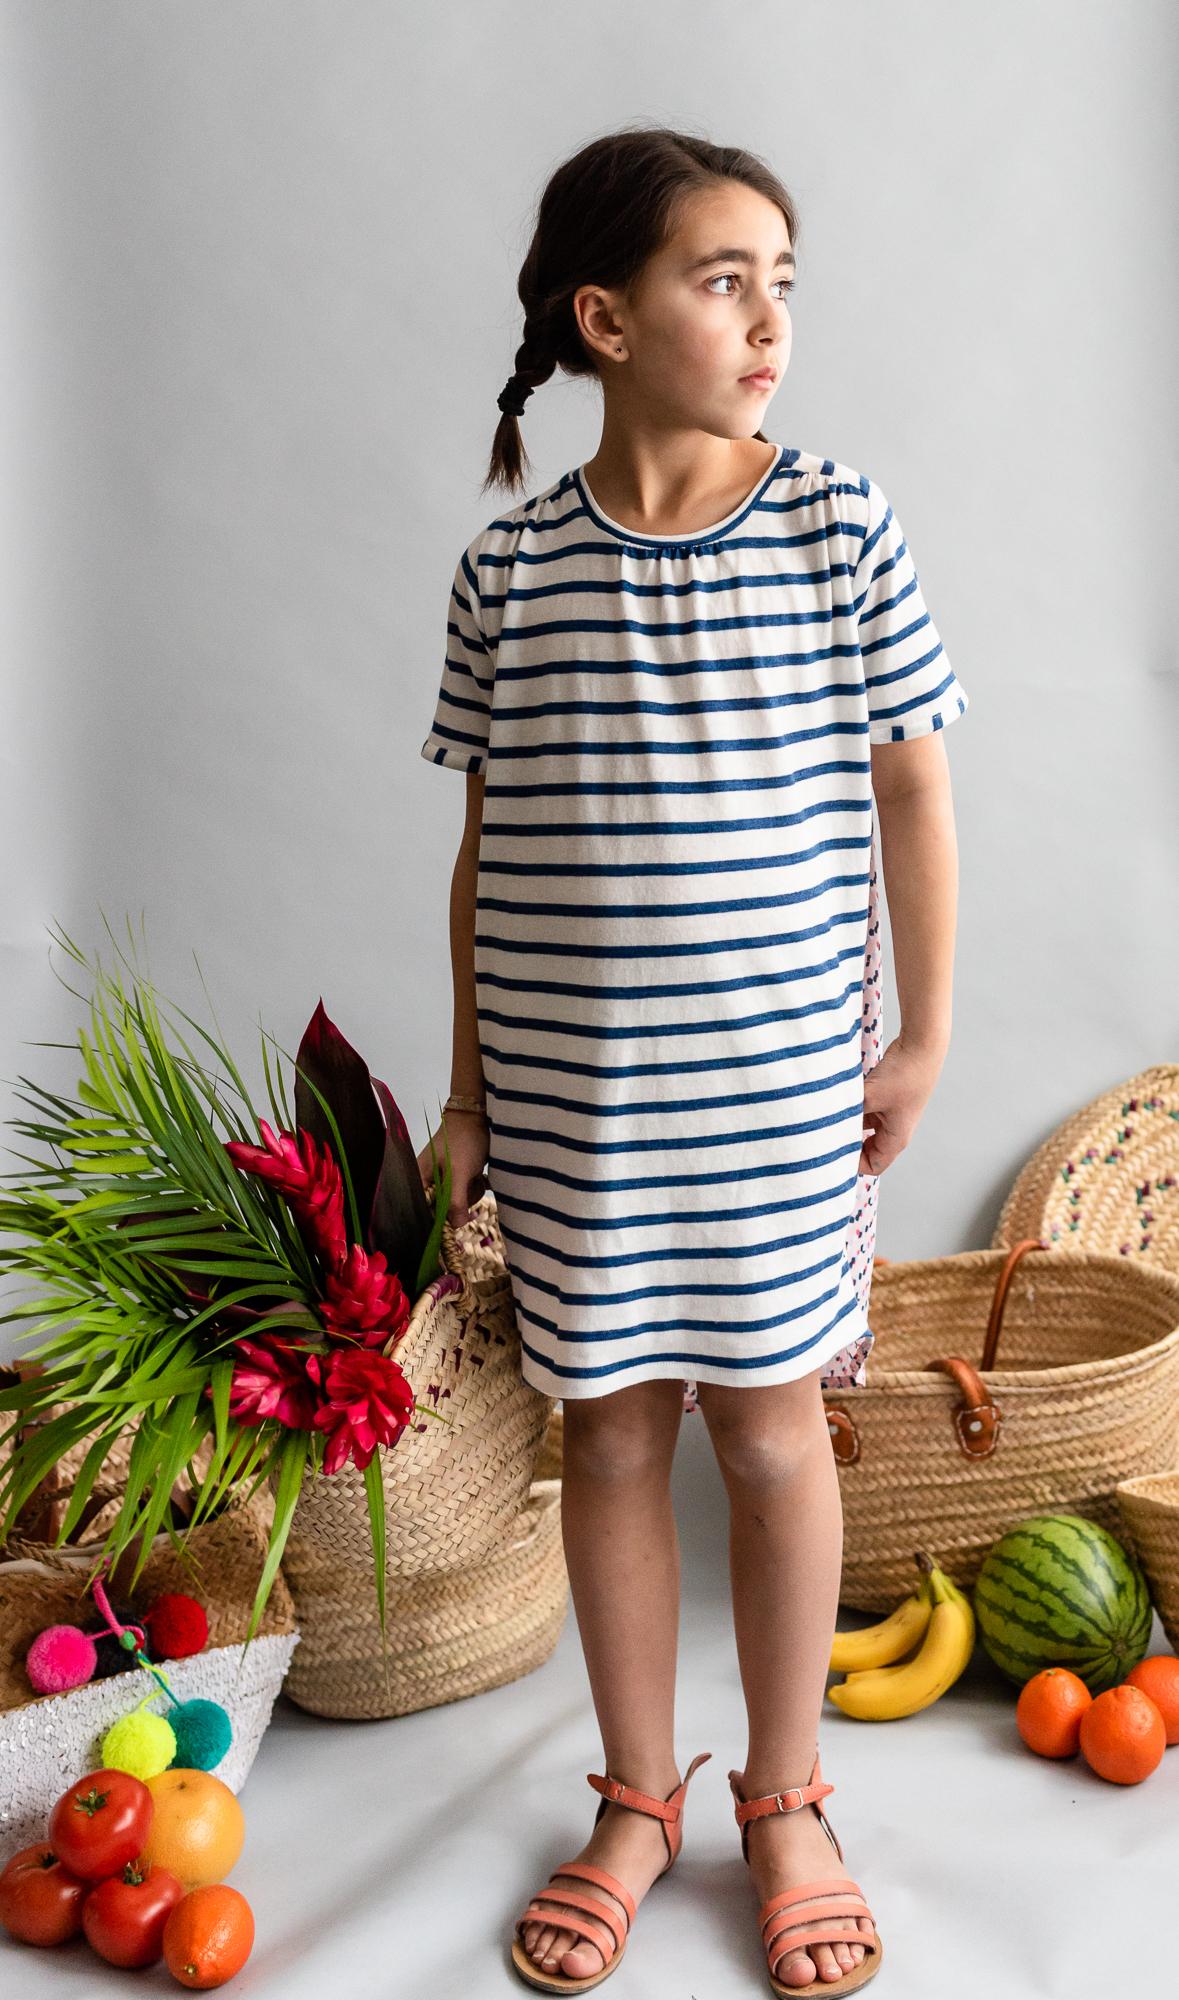 prp-kids=clothing-sewing-patterns15.jpg